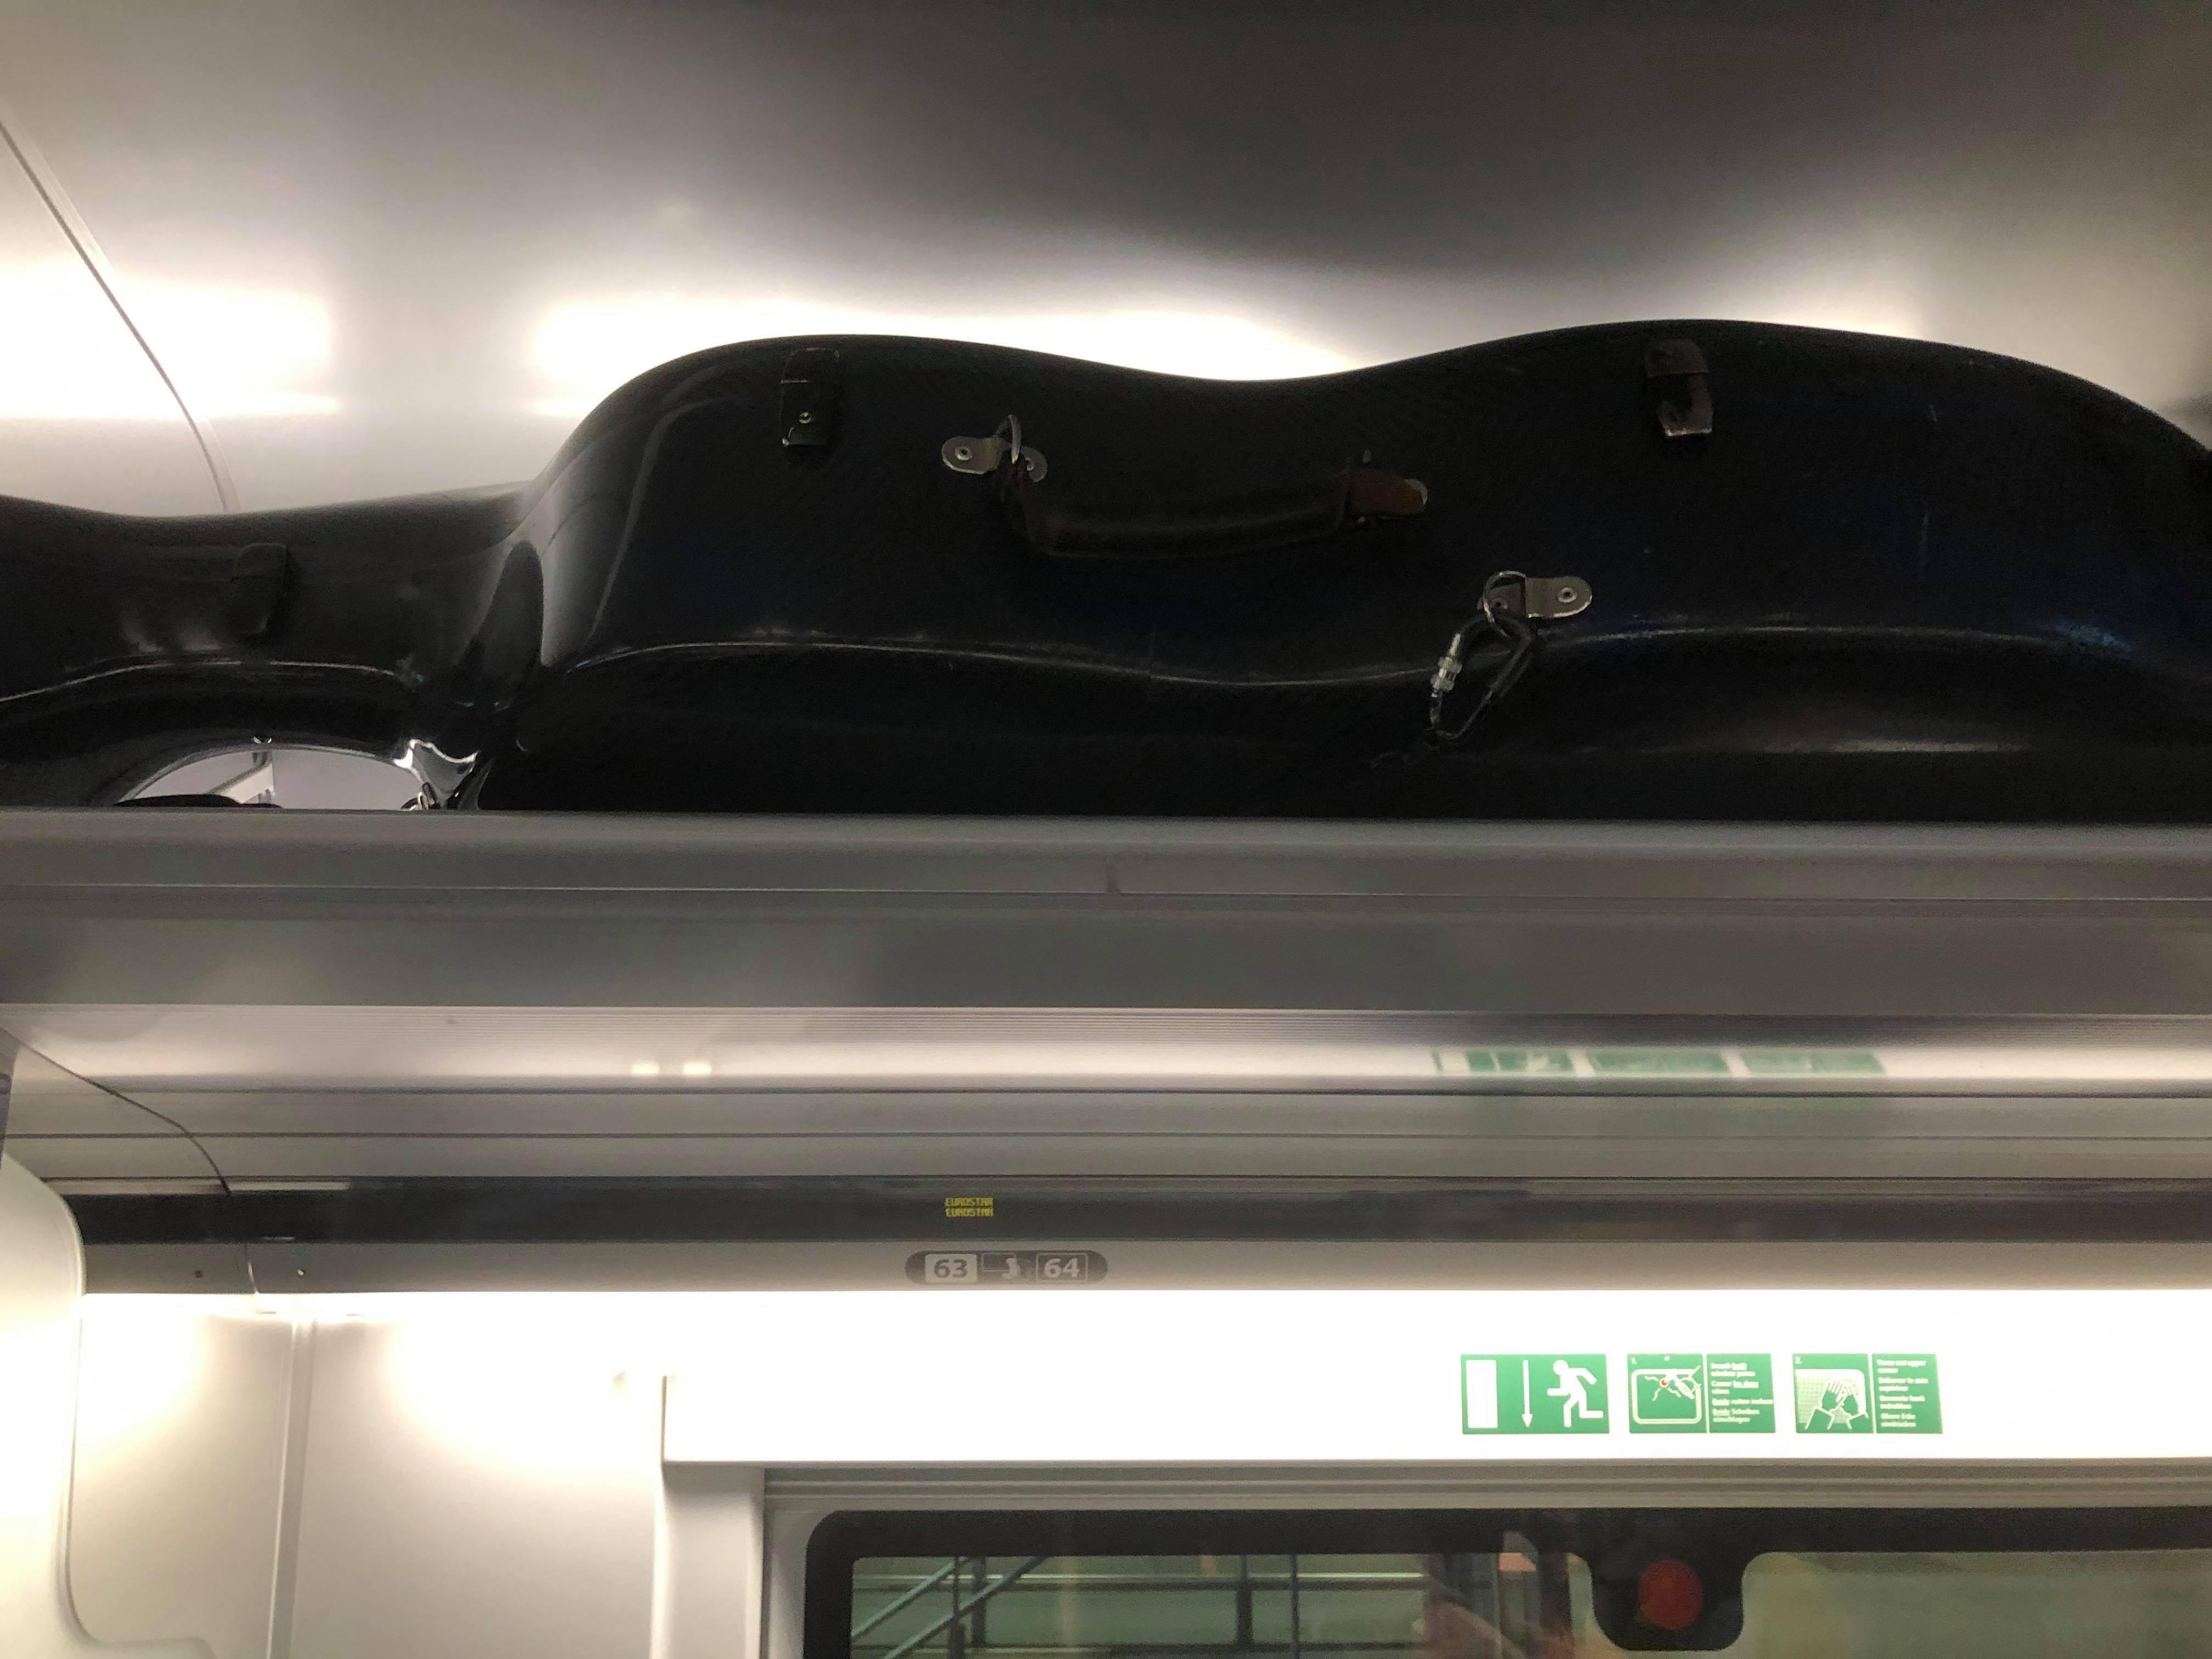 Sneak thieves: Eurostar doubles cello fees